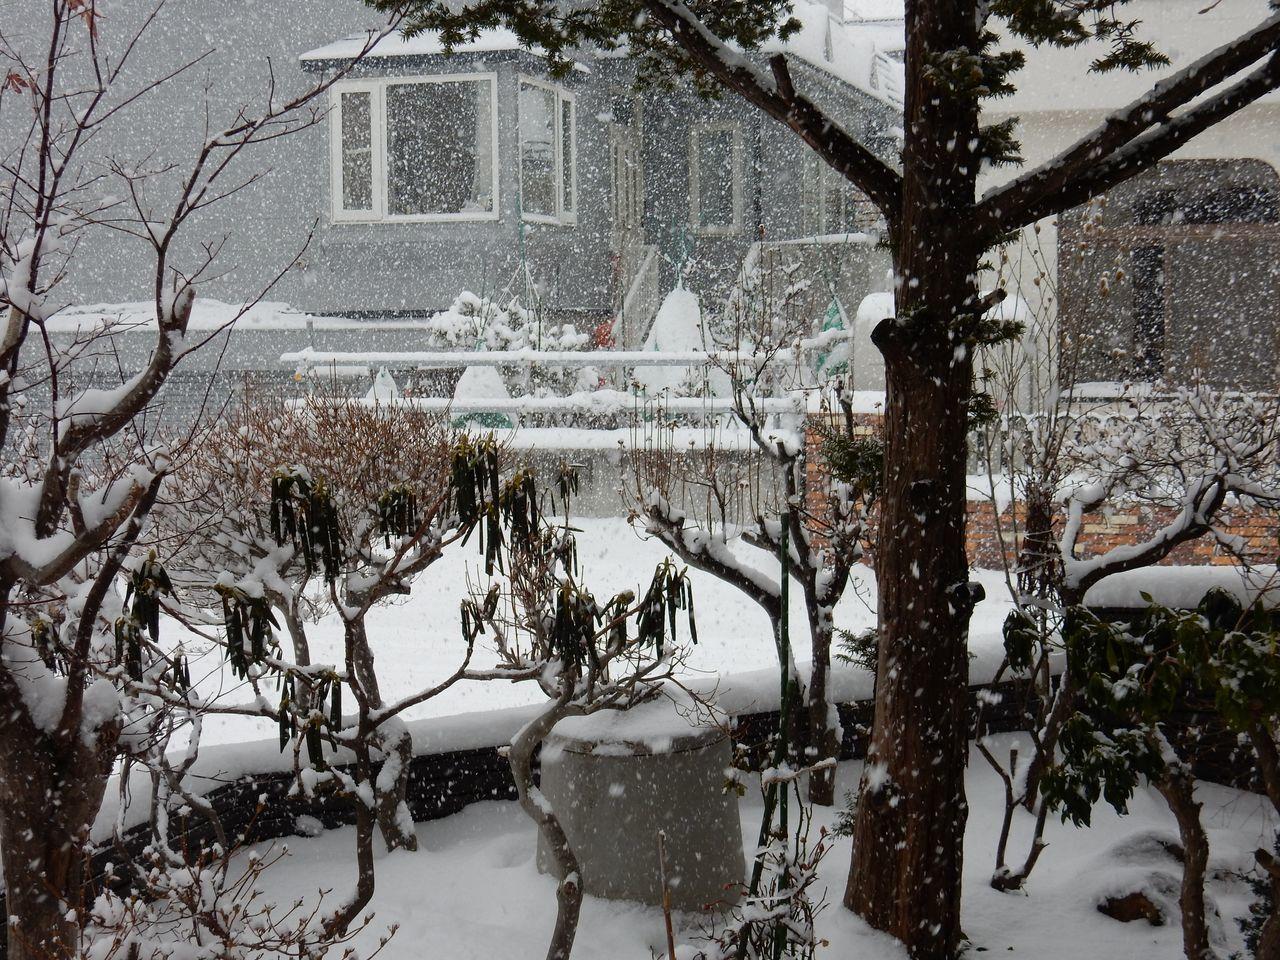 久々の雪らしい雪_c0025115_22011968.jpg